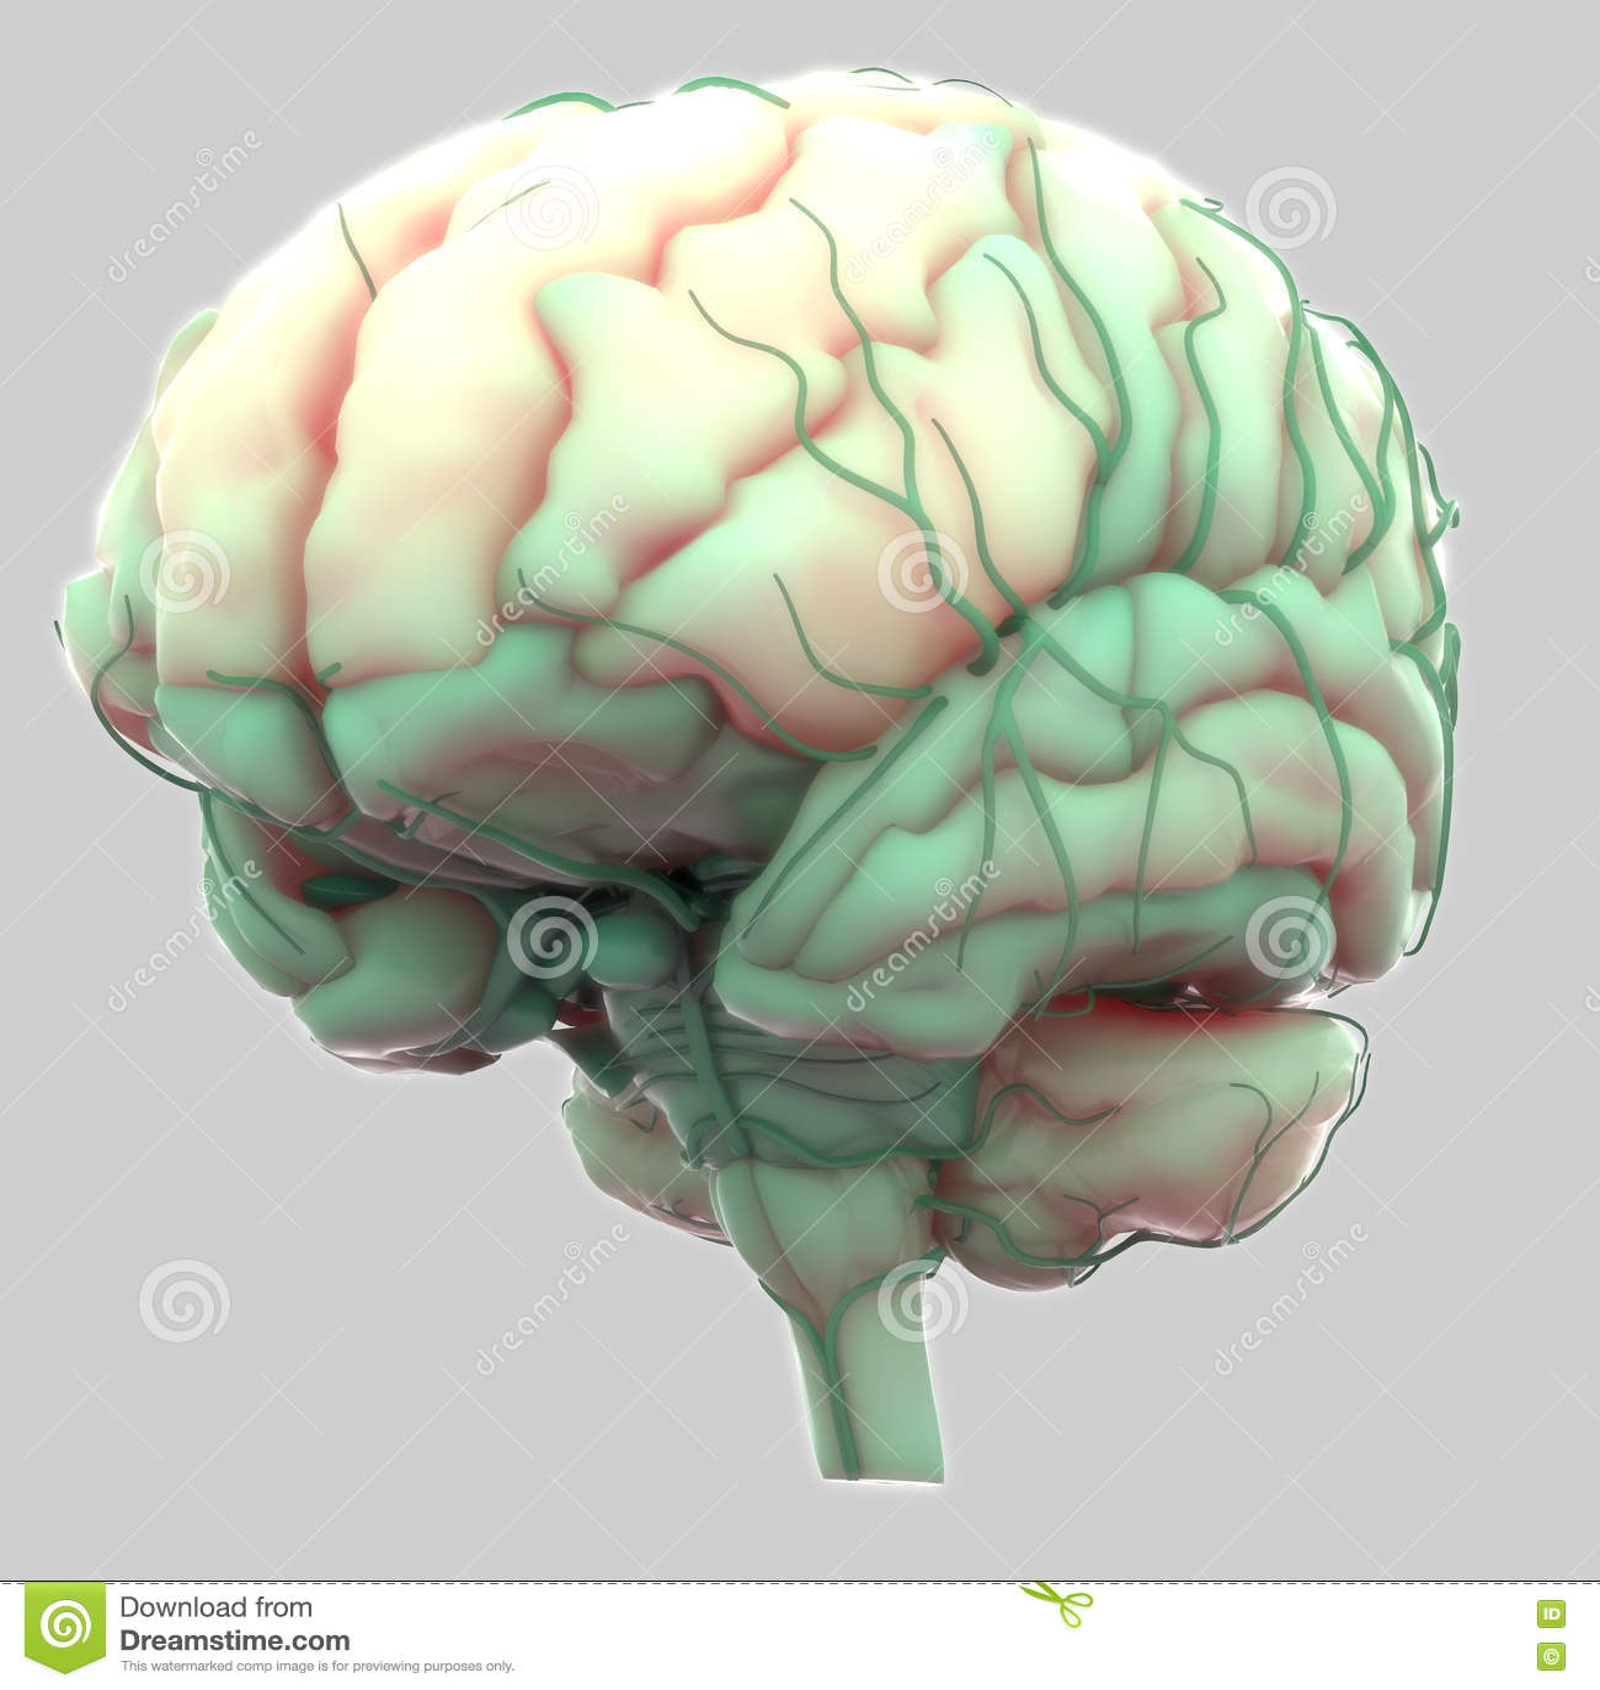 Menschliches Gehirn Mit Nerven-Anatomie Stock Abbildung ...